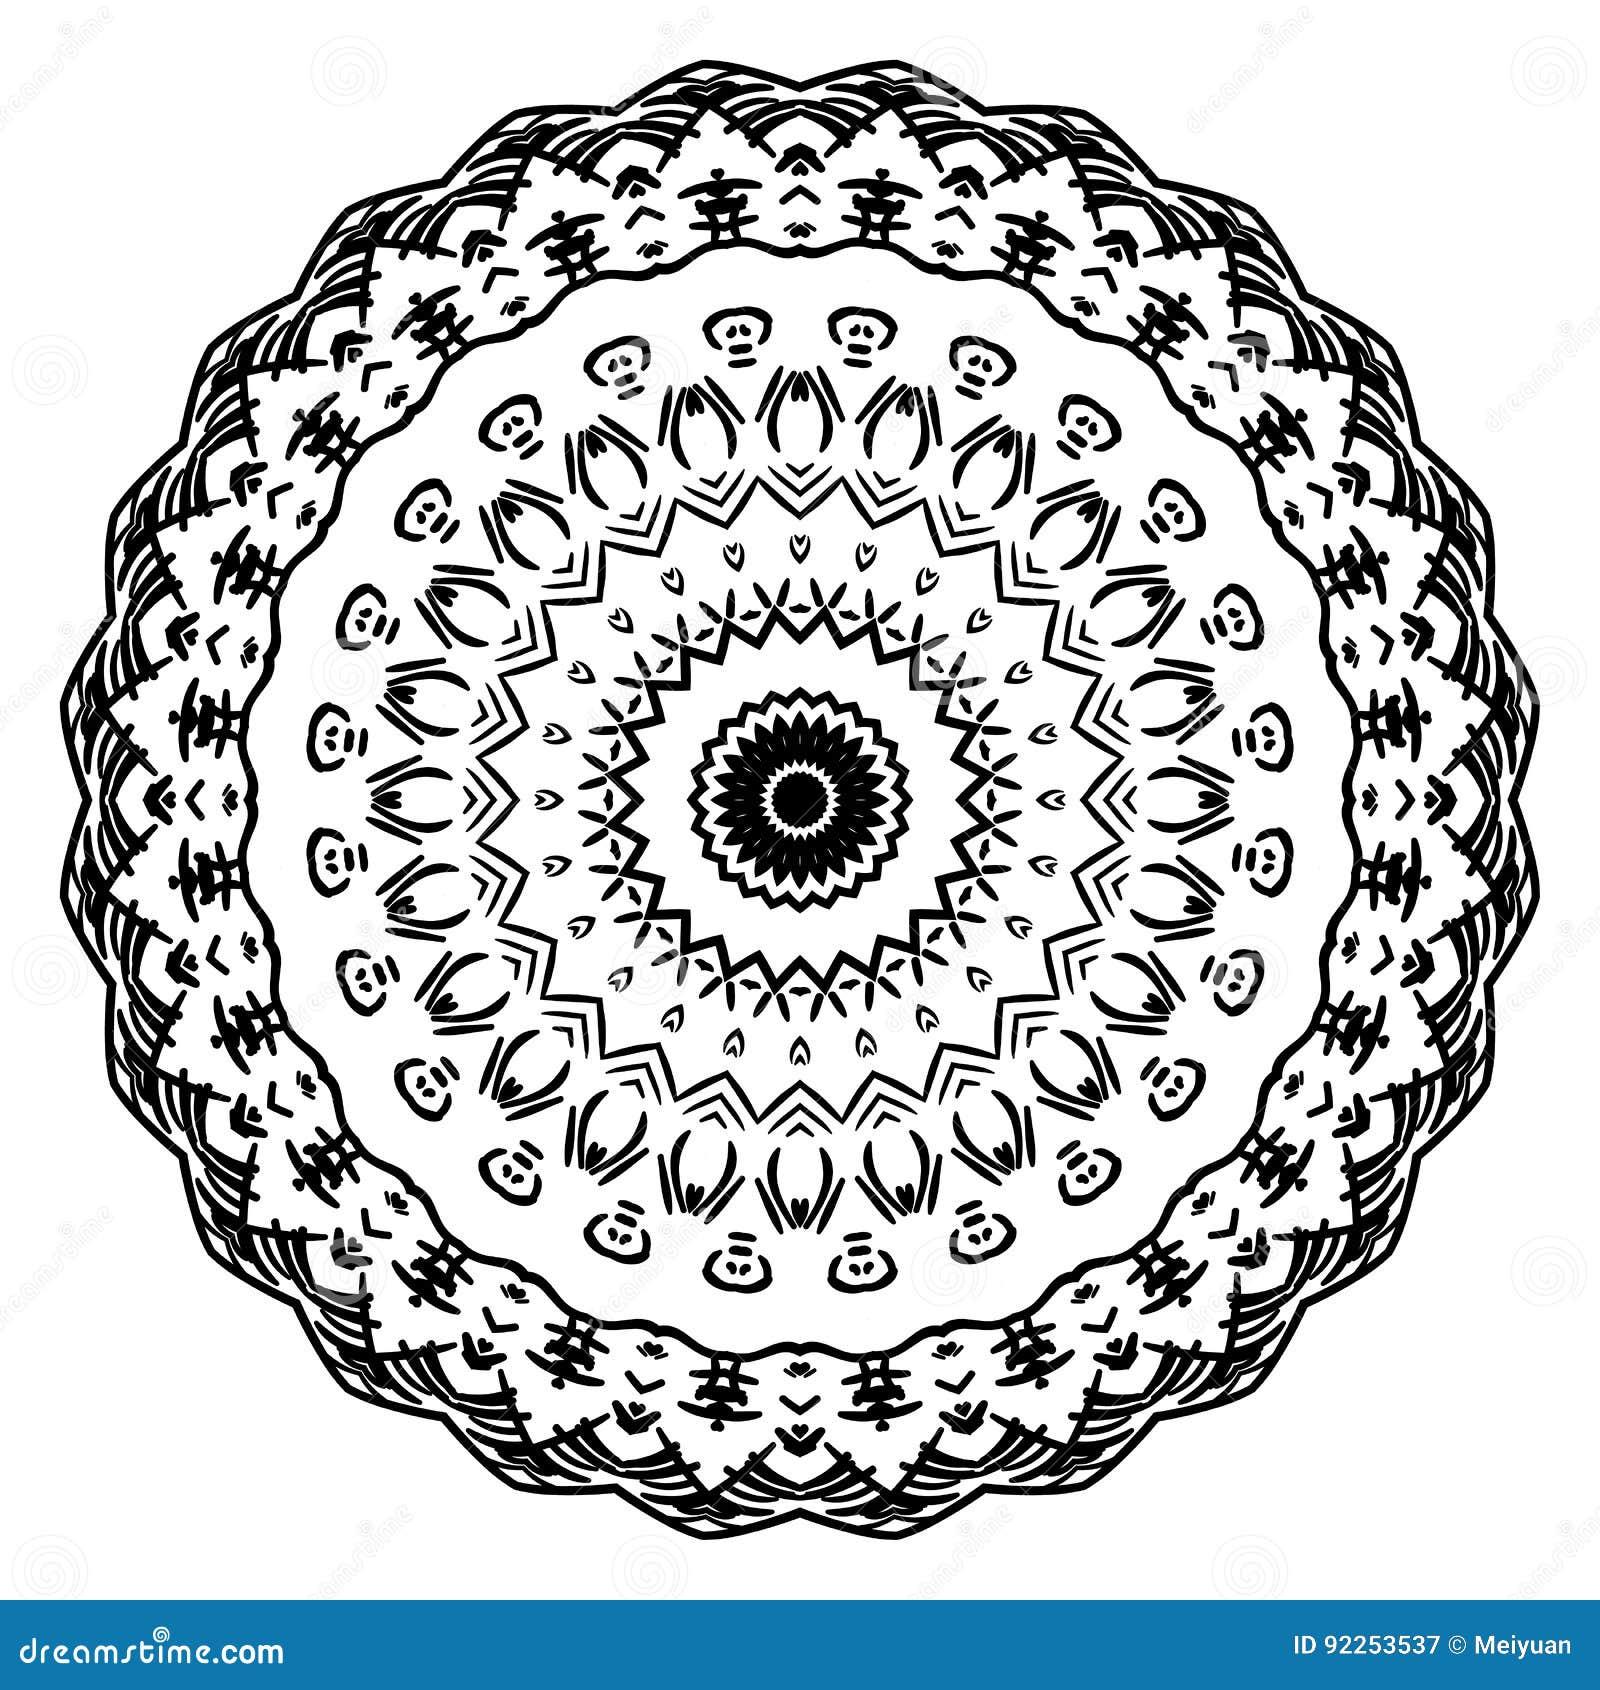 Coloriage Mandala Complique.Element Rond Pour Livre De Coloriage Mandala Noir Et Blanc